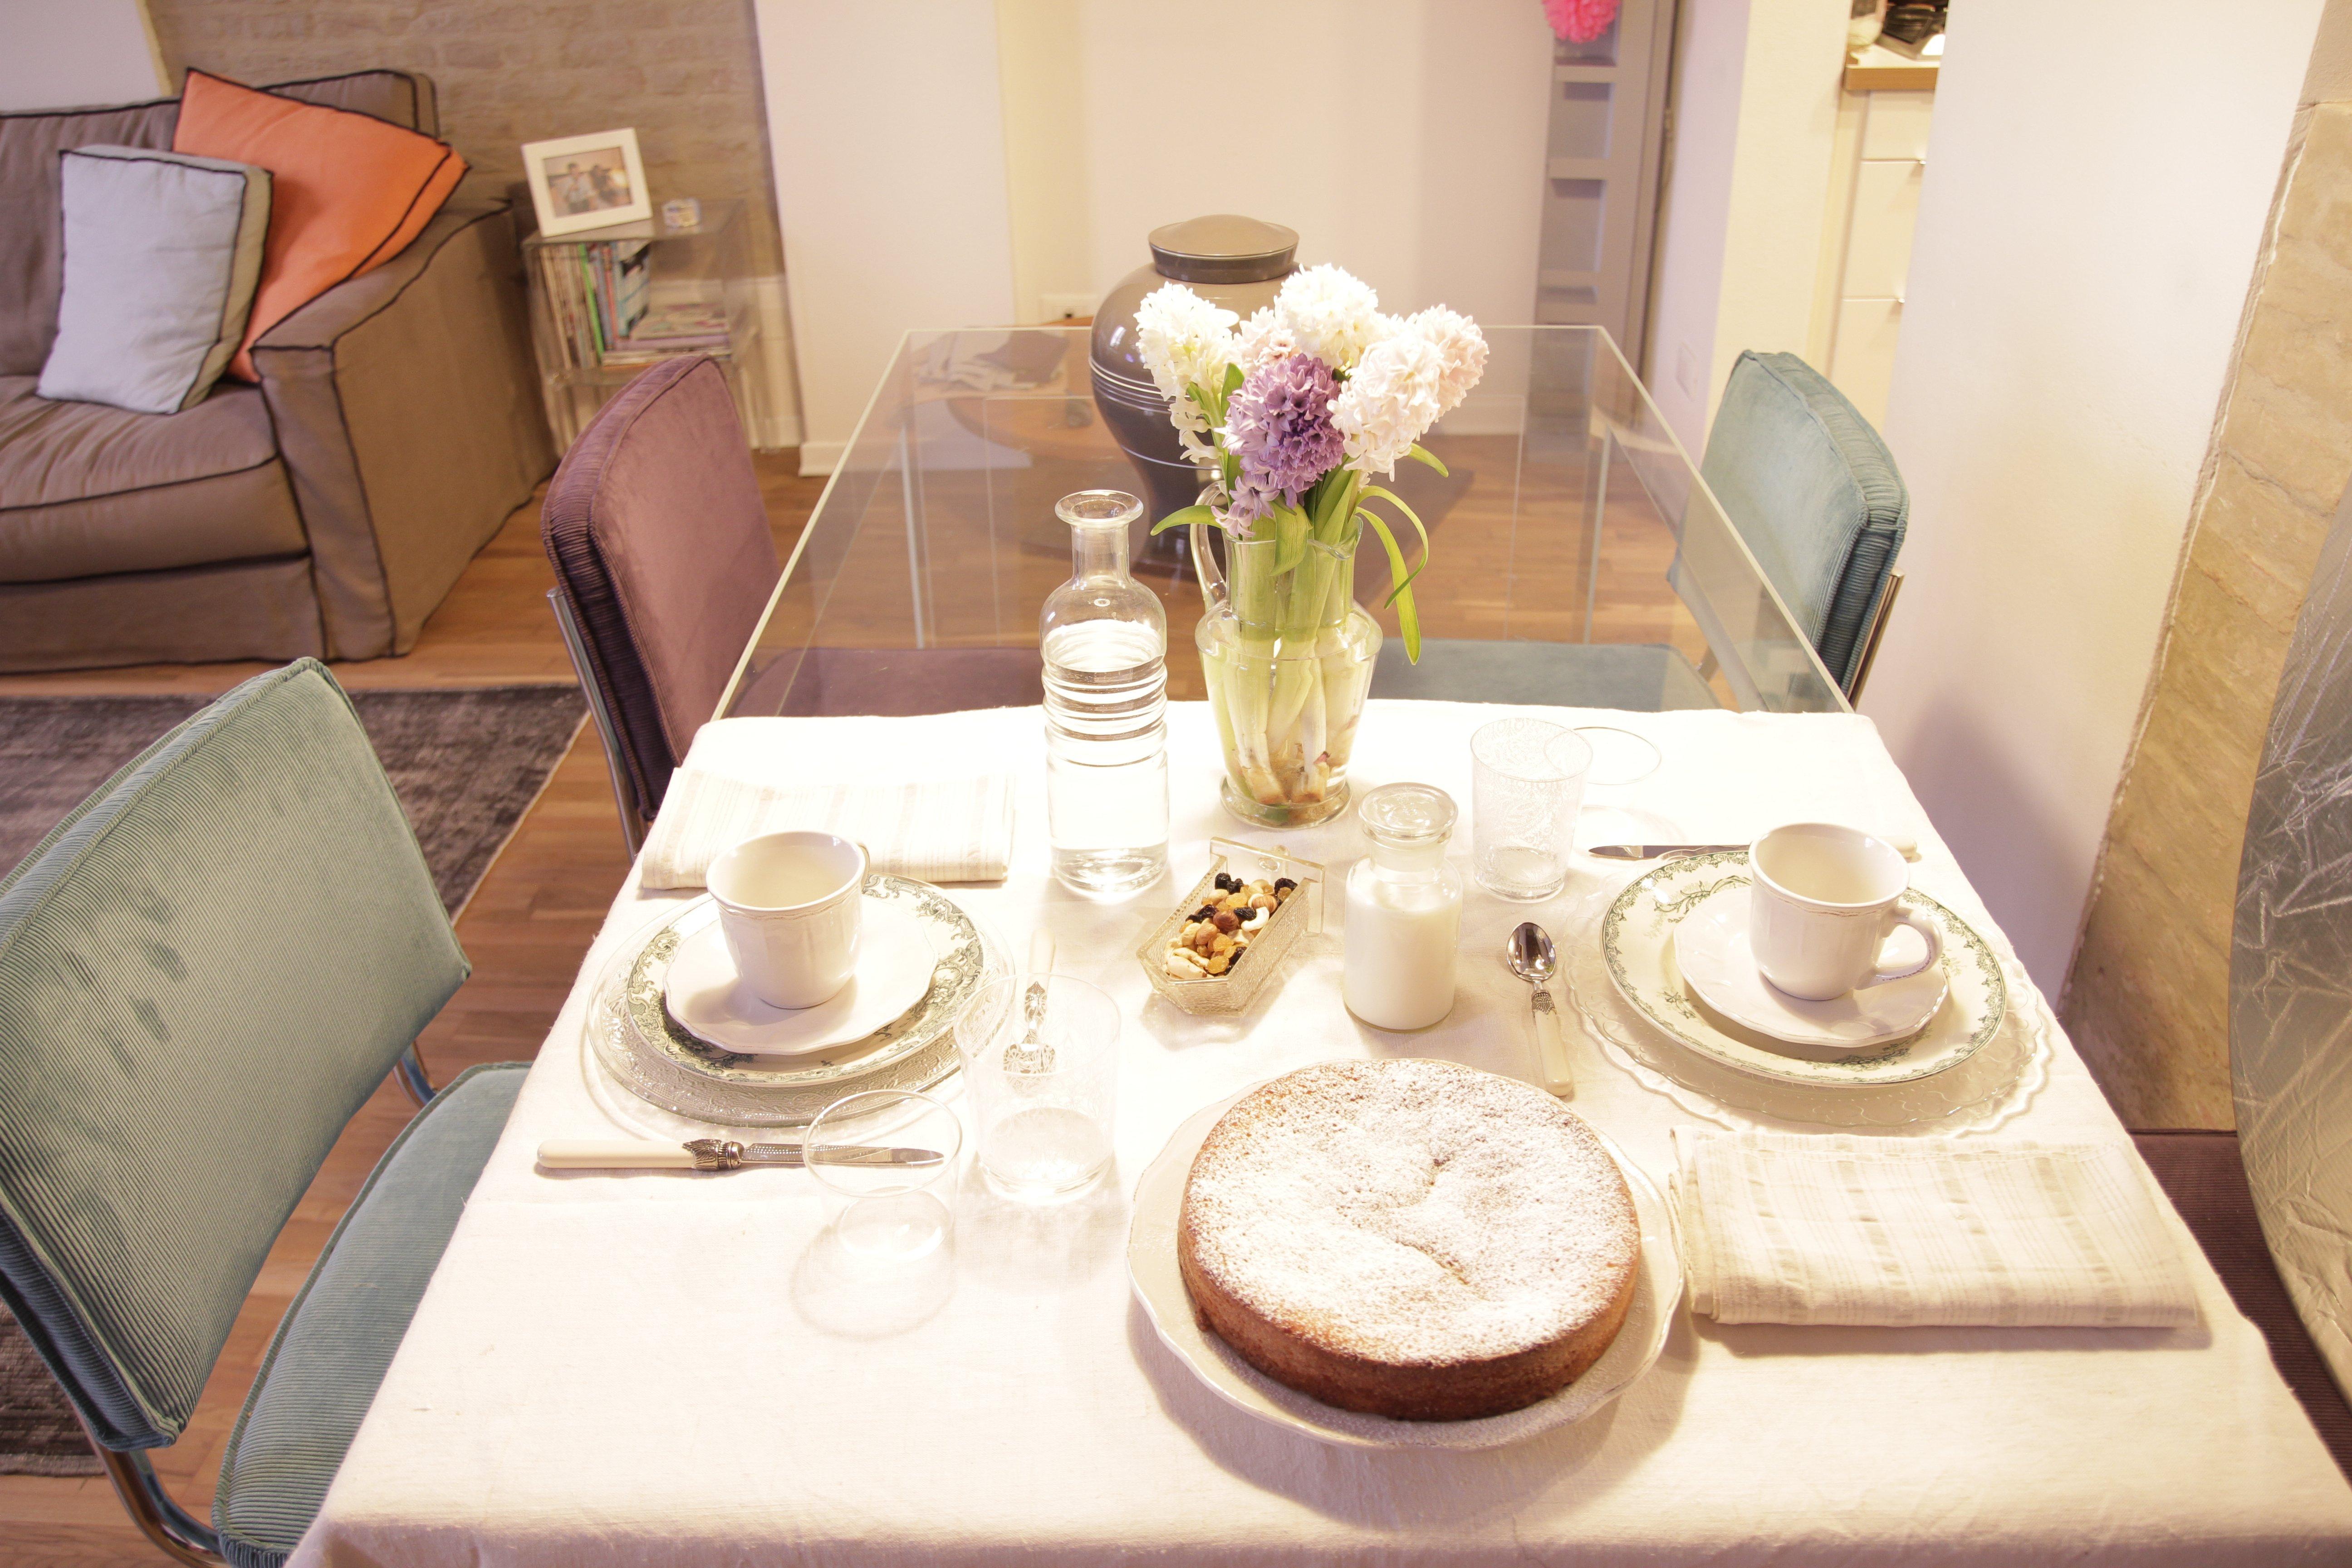 come apparecchiare una tavola romantica a casa di ro